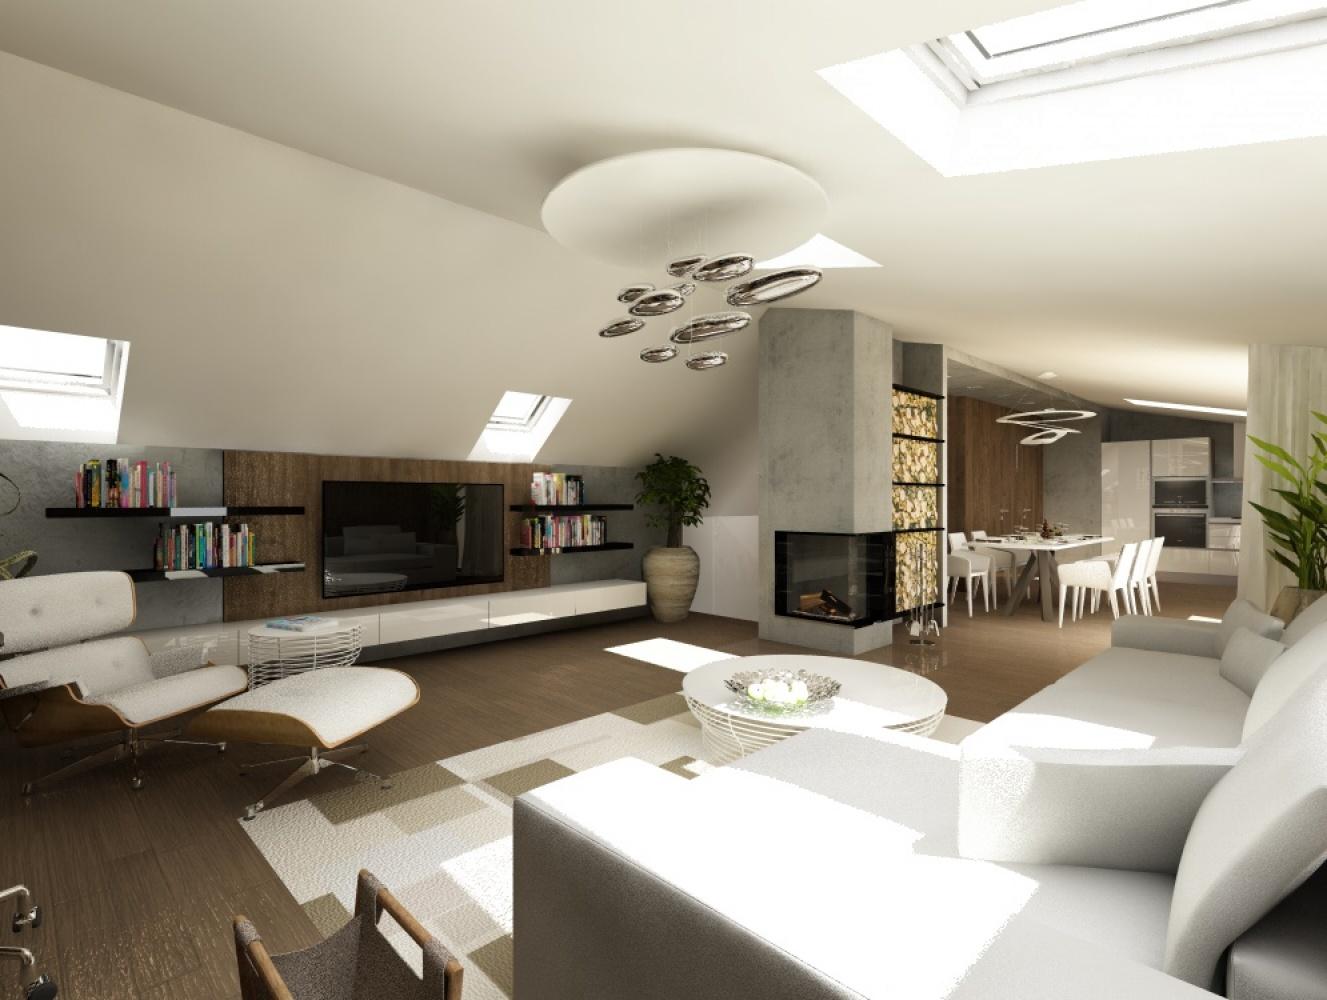 Půdní byt 4+kk, plocha 196 m², ulice Srbská, Praha 6 - Dejvice | 3